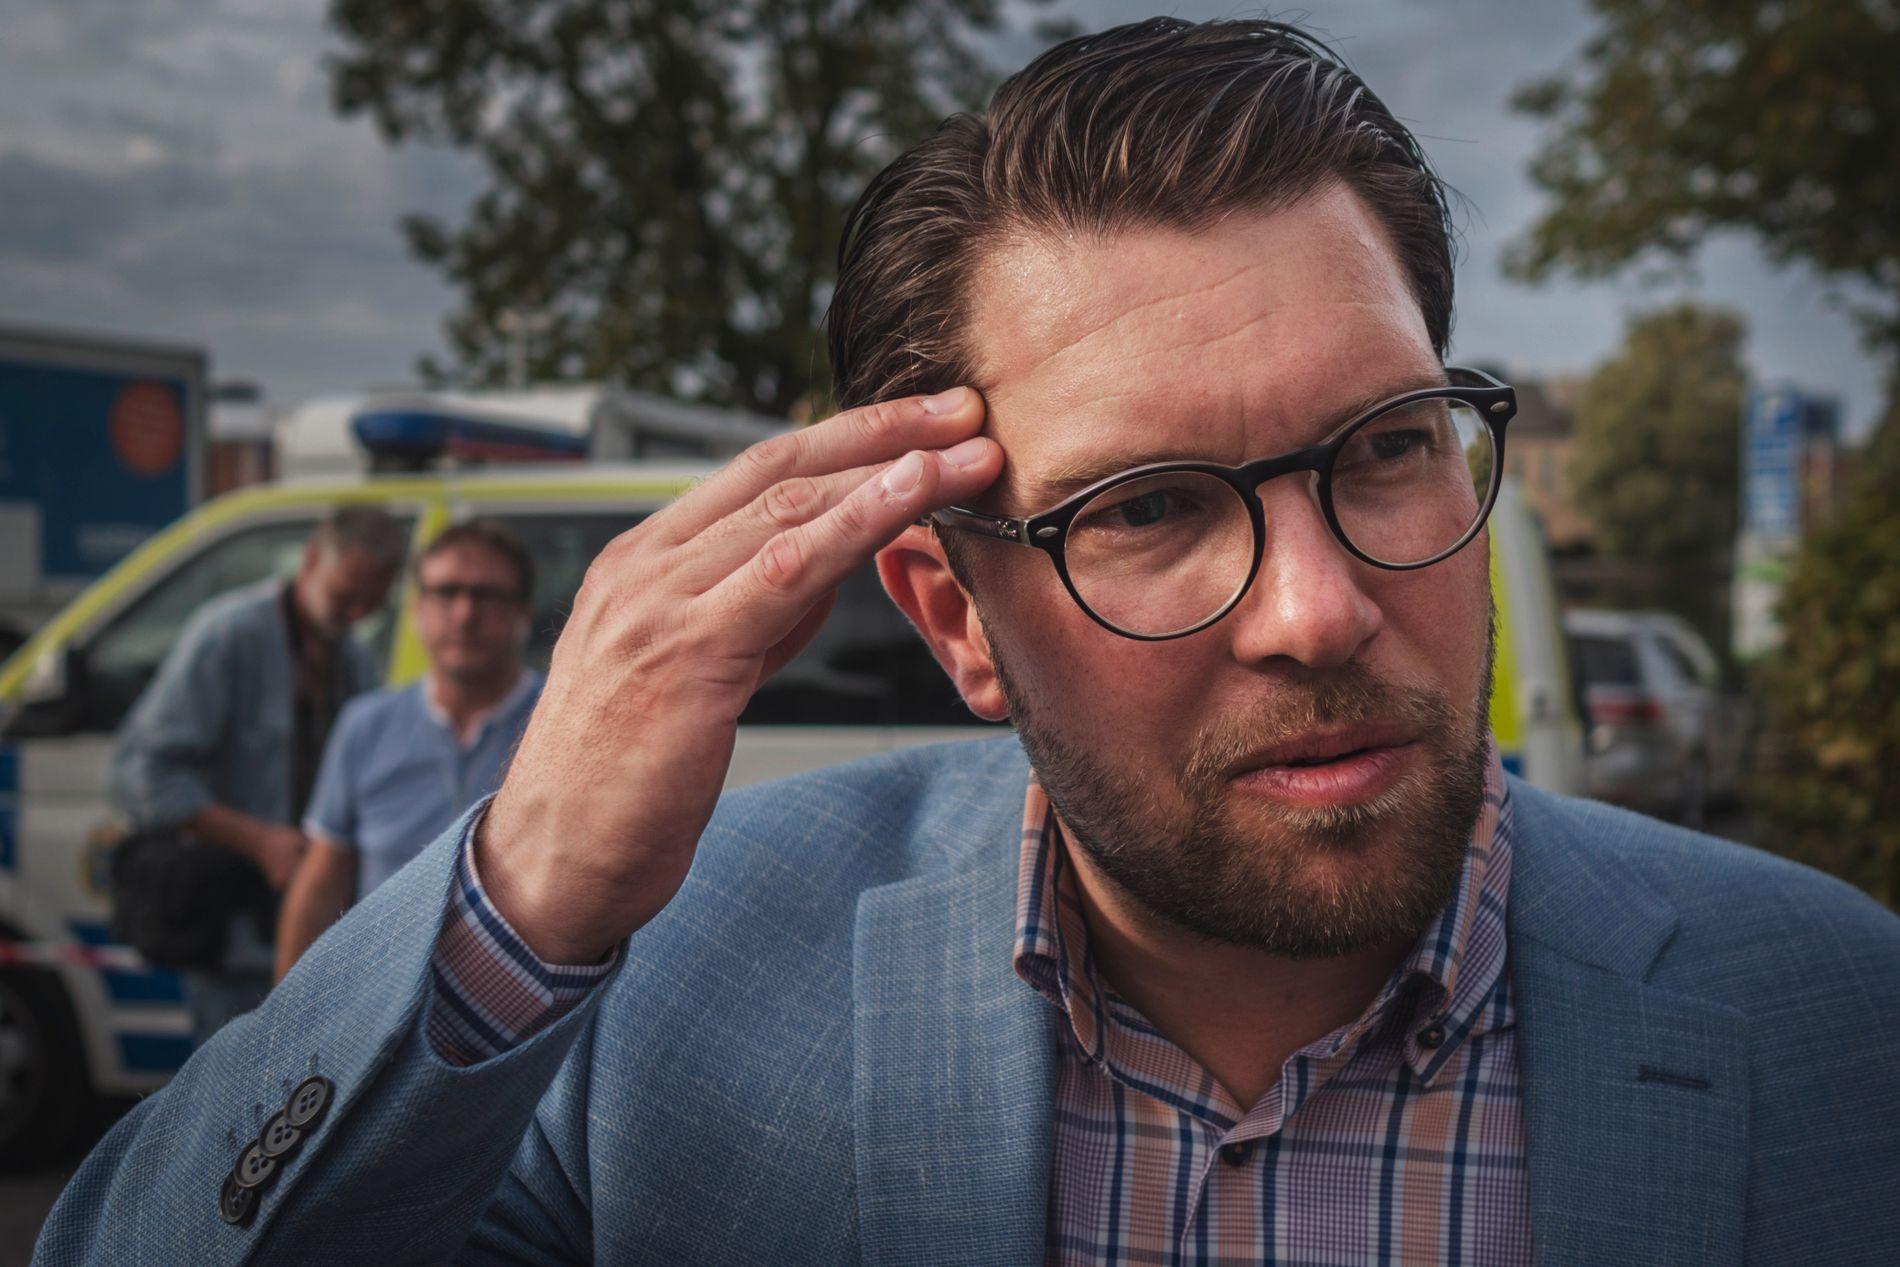 TILBAKEVISER KRITIKKEN: SD-leder Jimmie Åkesson mener Stefan Löfven lyver i sine uttalelser om partiets satsing på eldre. Her fra sin turné i Eskilstuna i forrige uke.